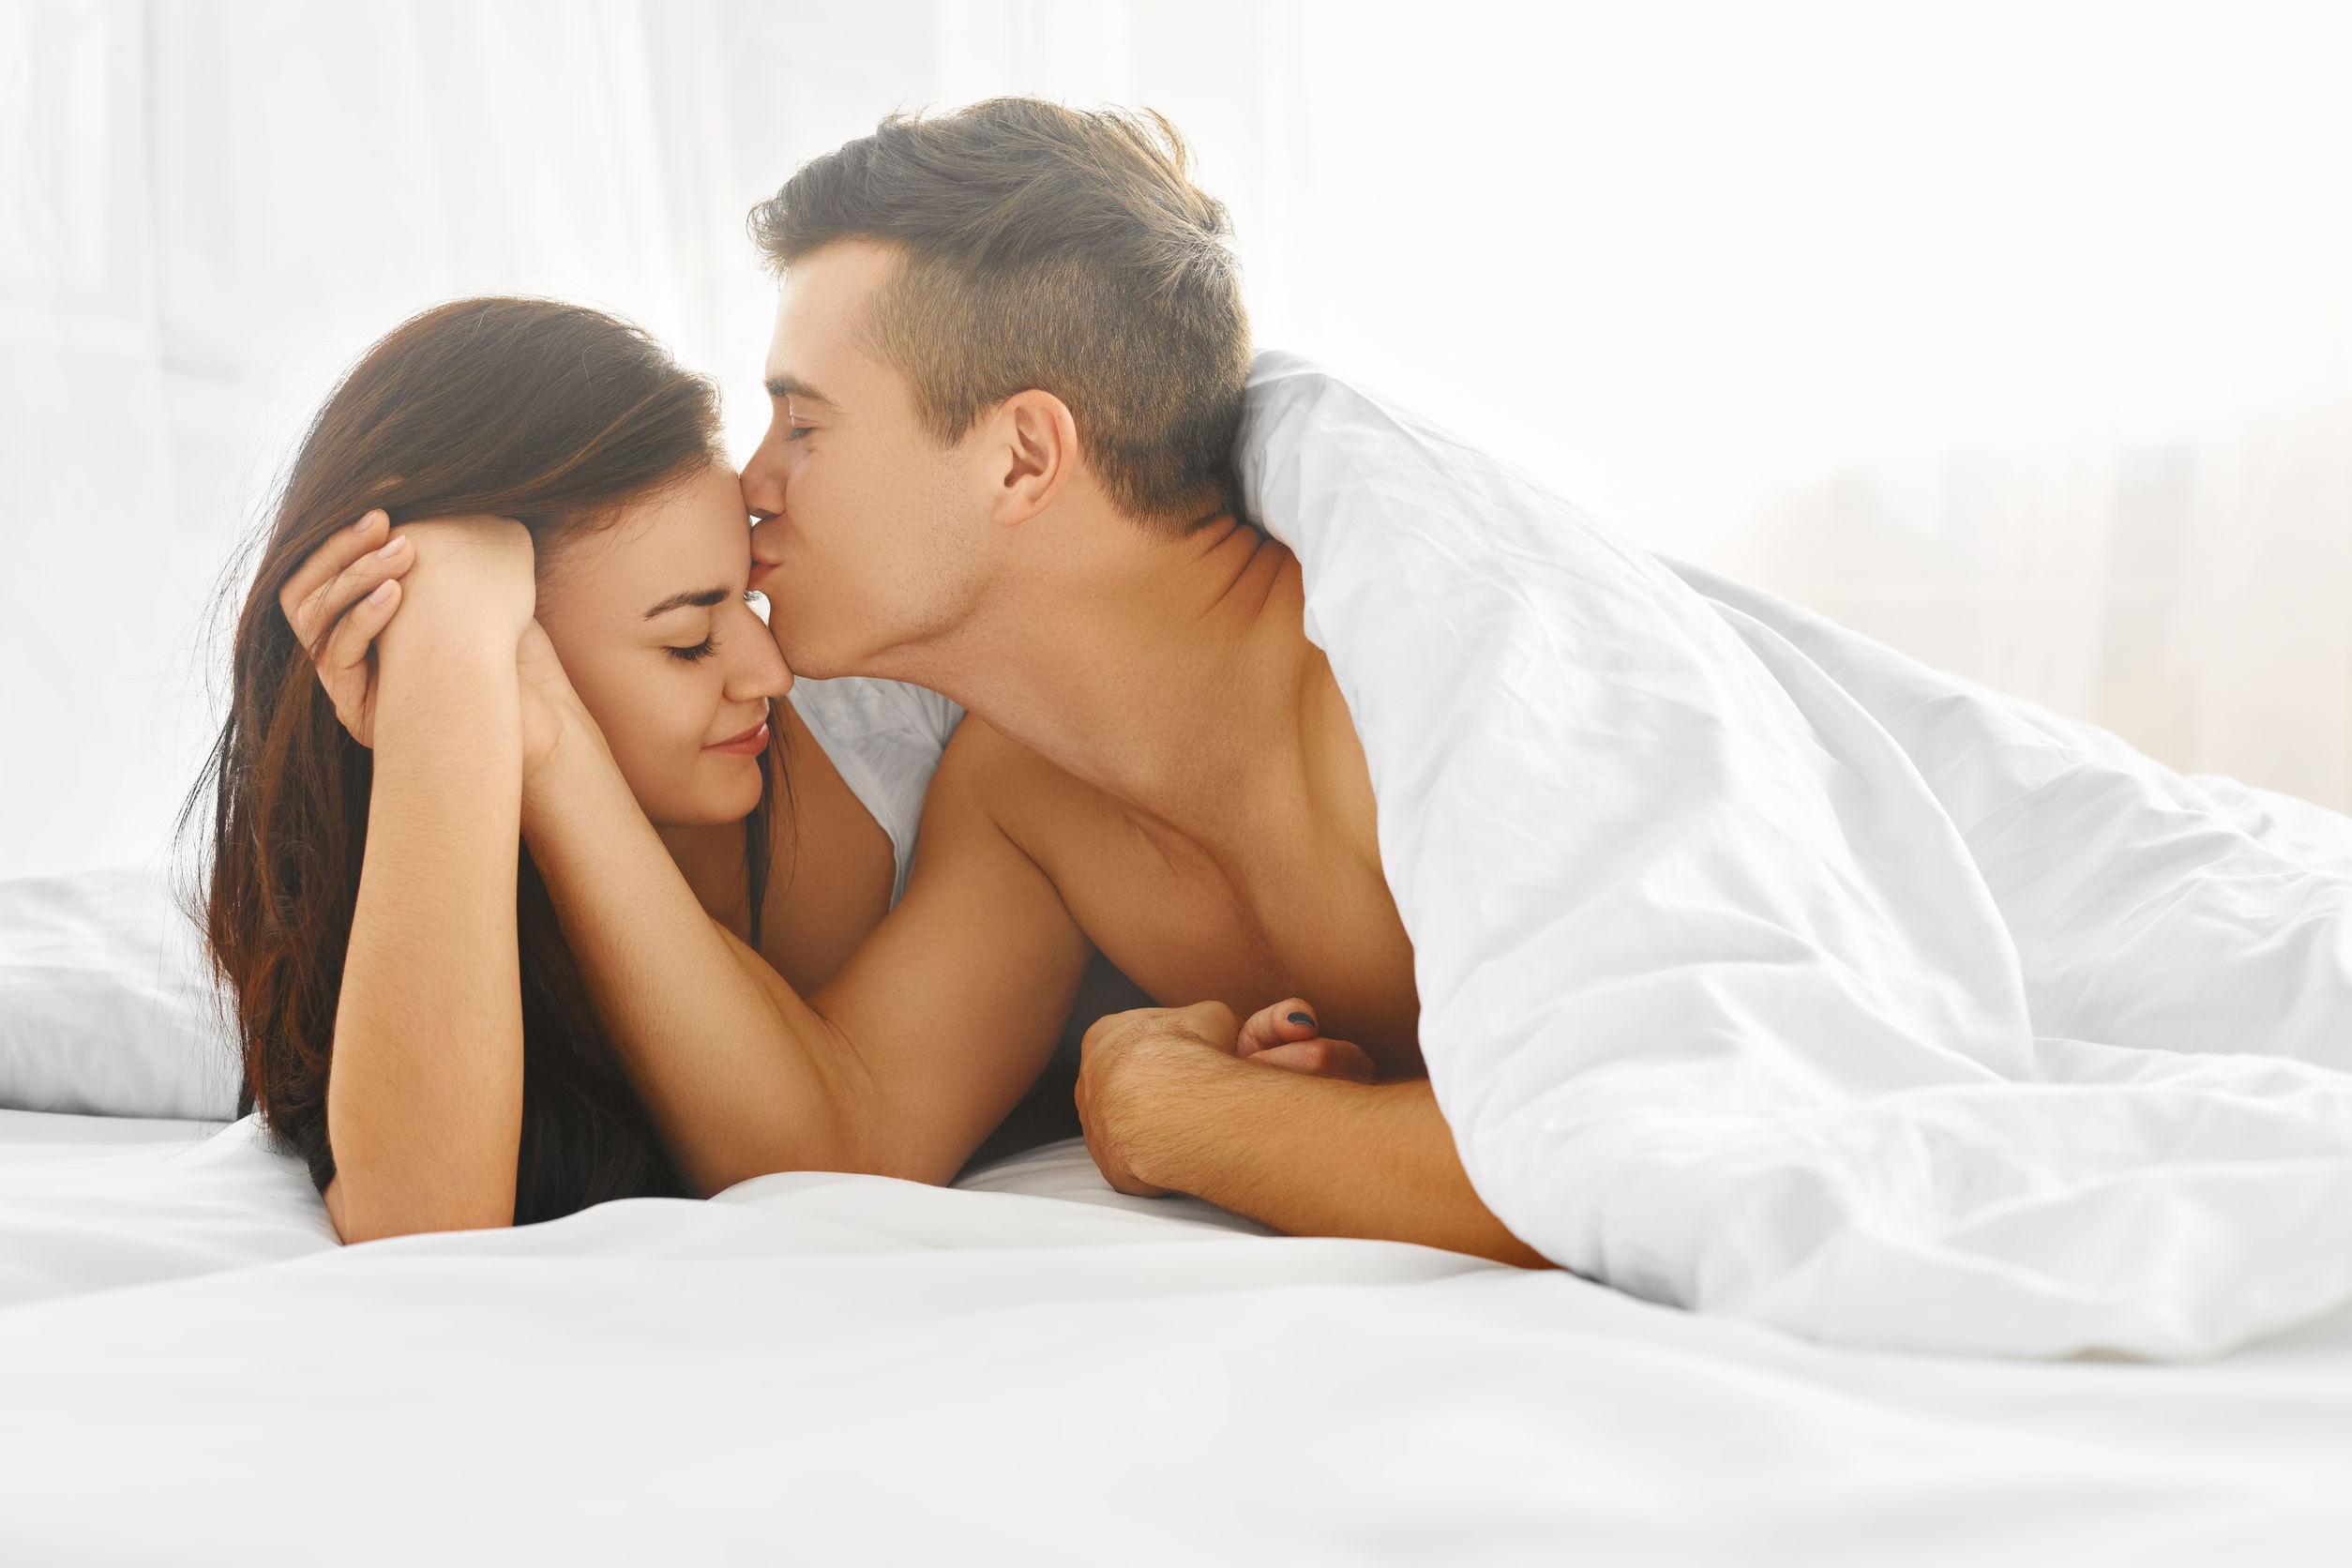 Chăn gối đủ liều cũng là vấn đề của cặp vợ chồng mới cưới